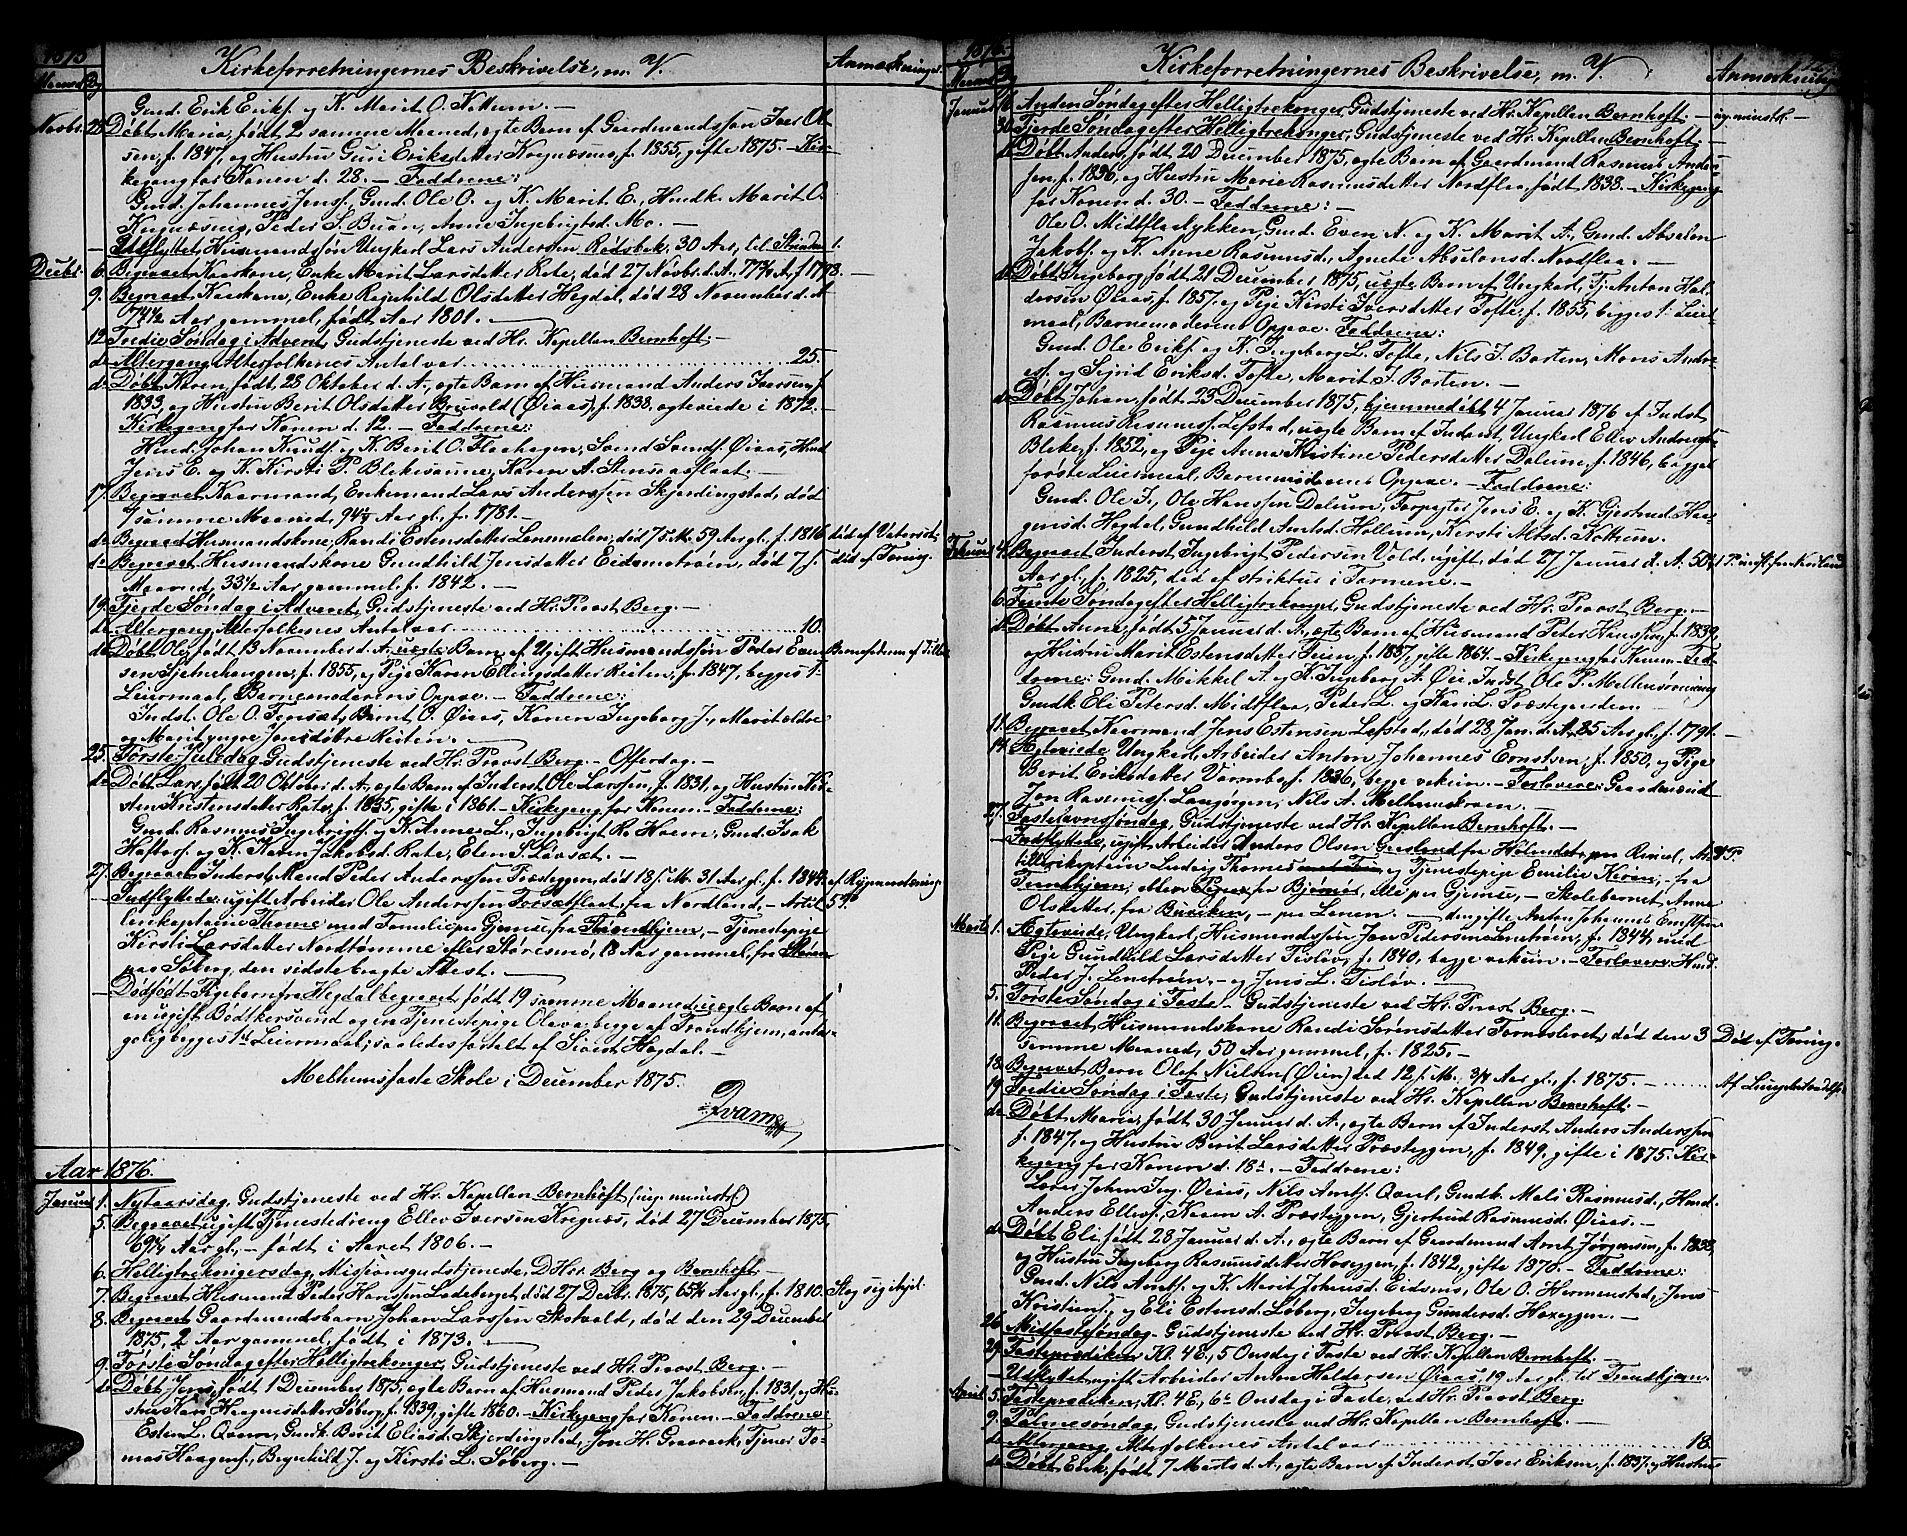 SAT, Ministerialprotokoller, klokkerbøker og fødselsregistre - Sør-Trøndelag, 691/L1093: Klokkerbok nr. 691C04, 1852-1879, s. 127